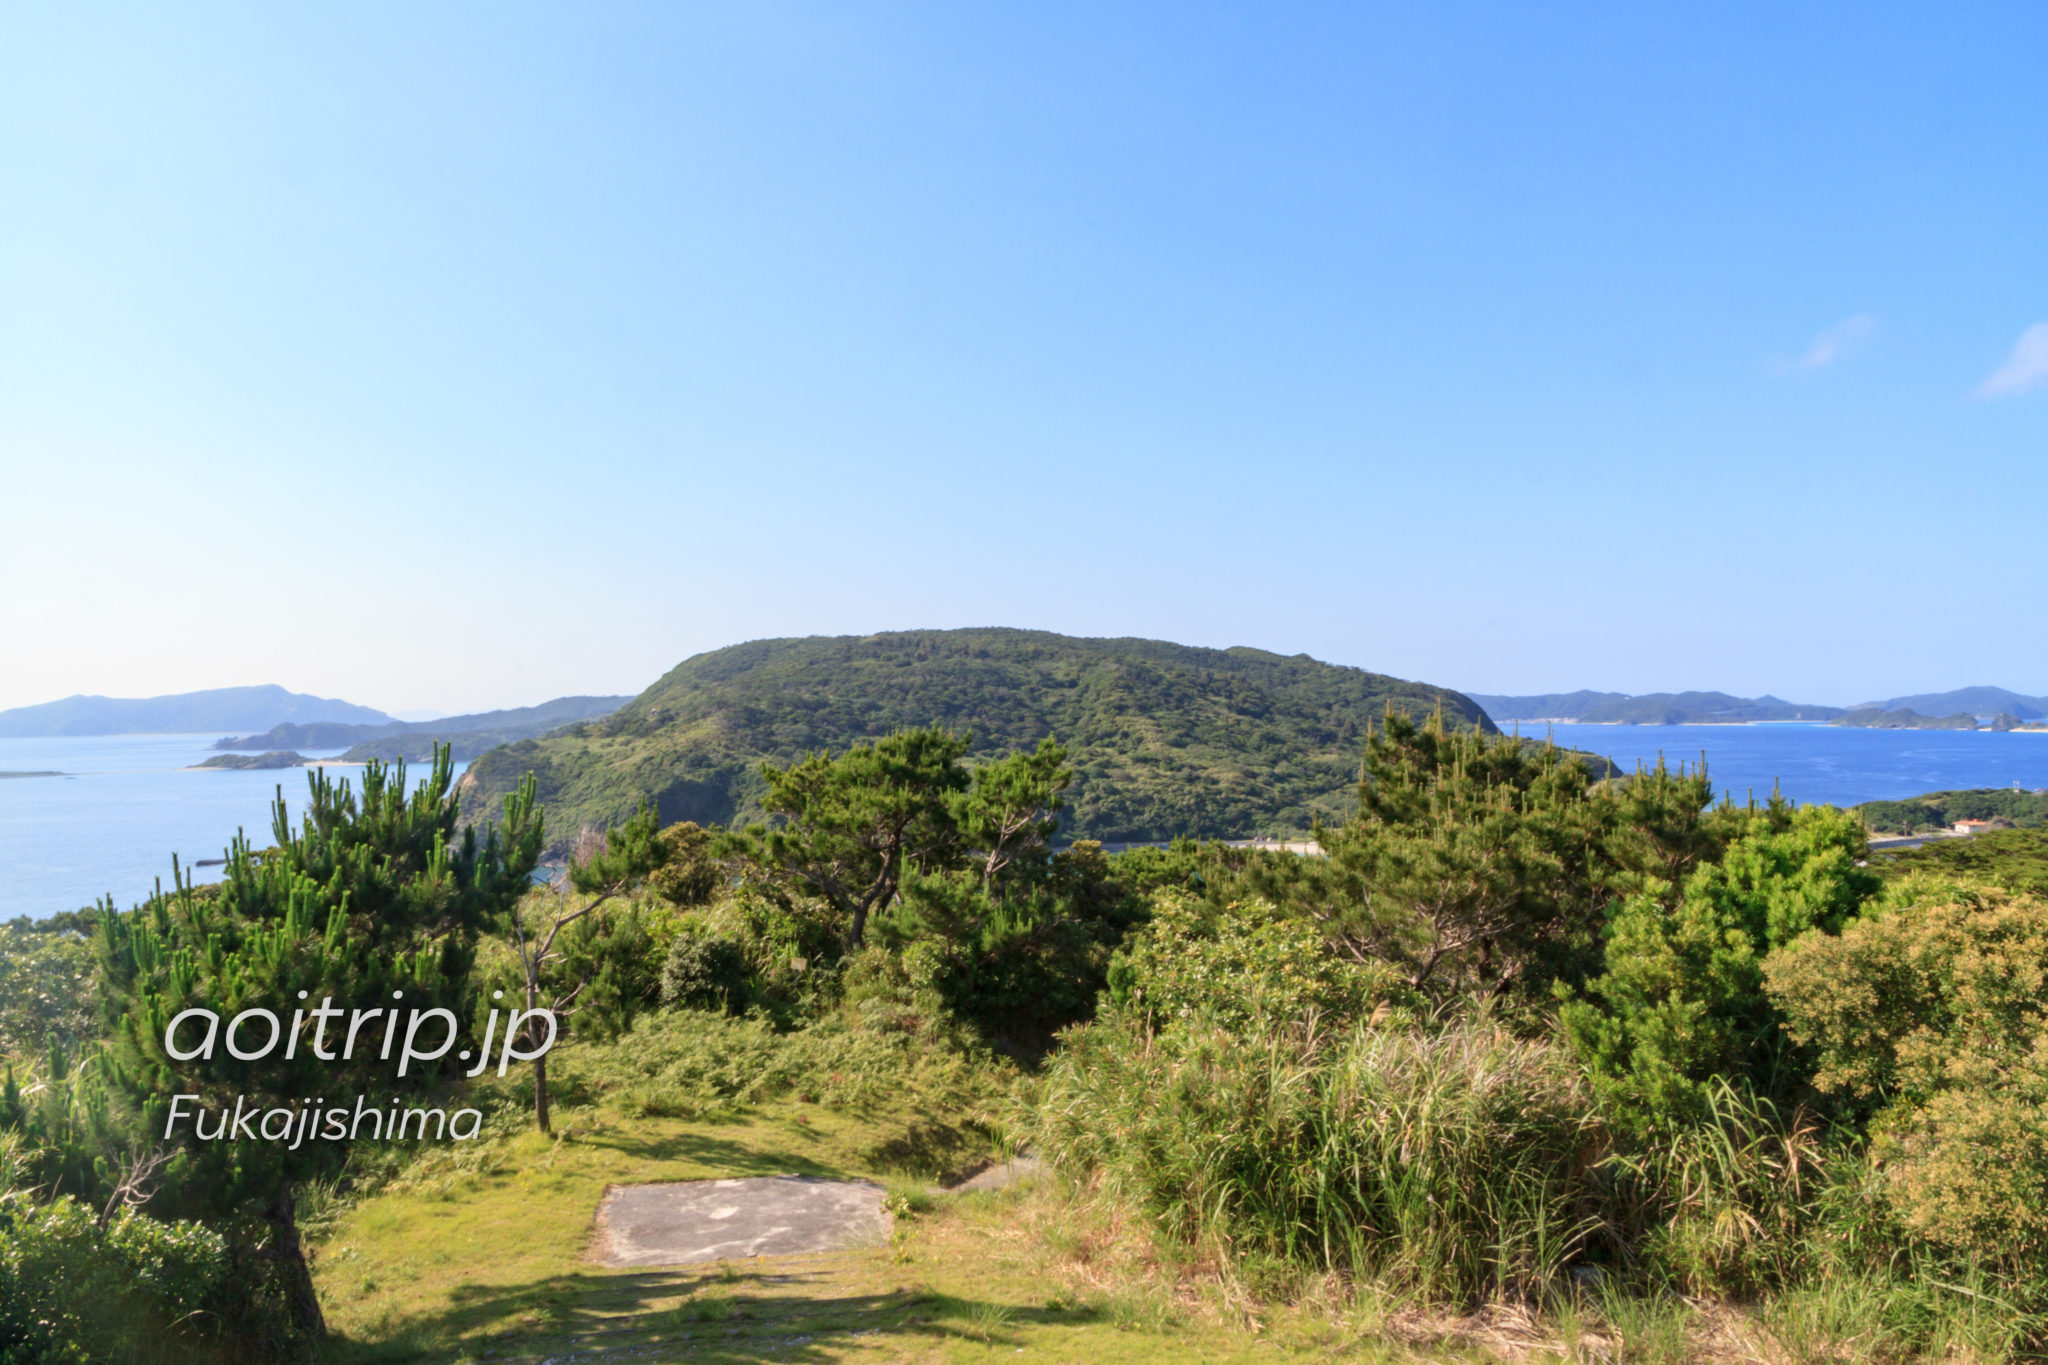 ケラマジカが生息する慶留間島の森